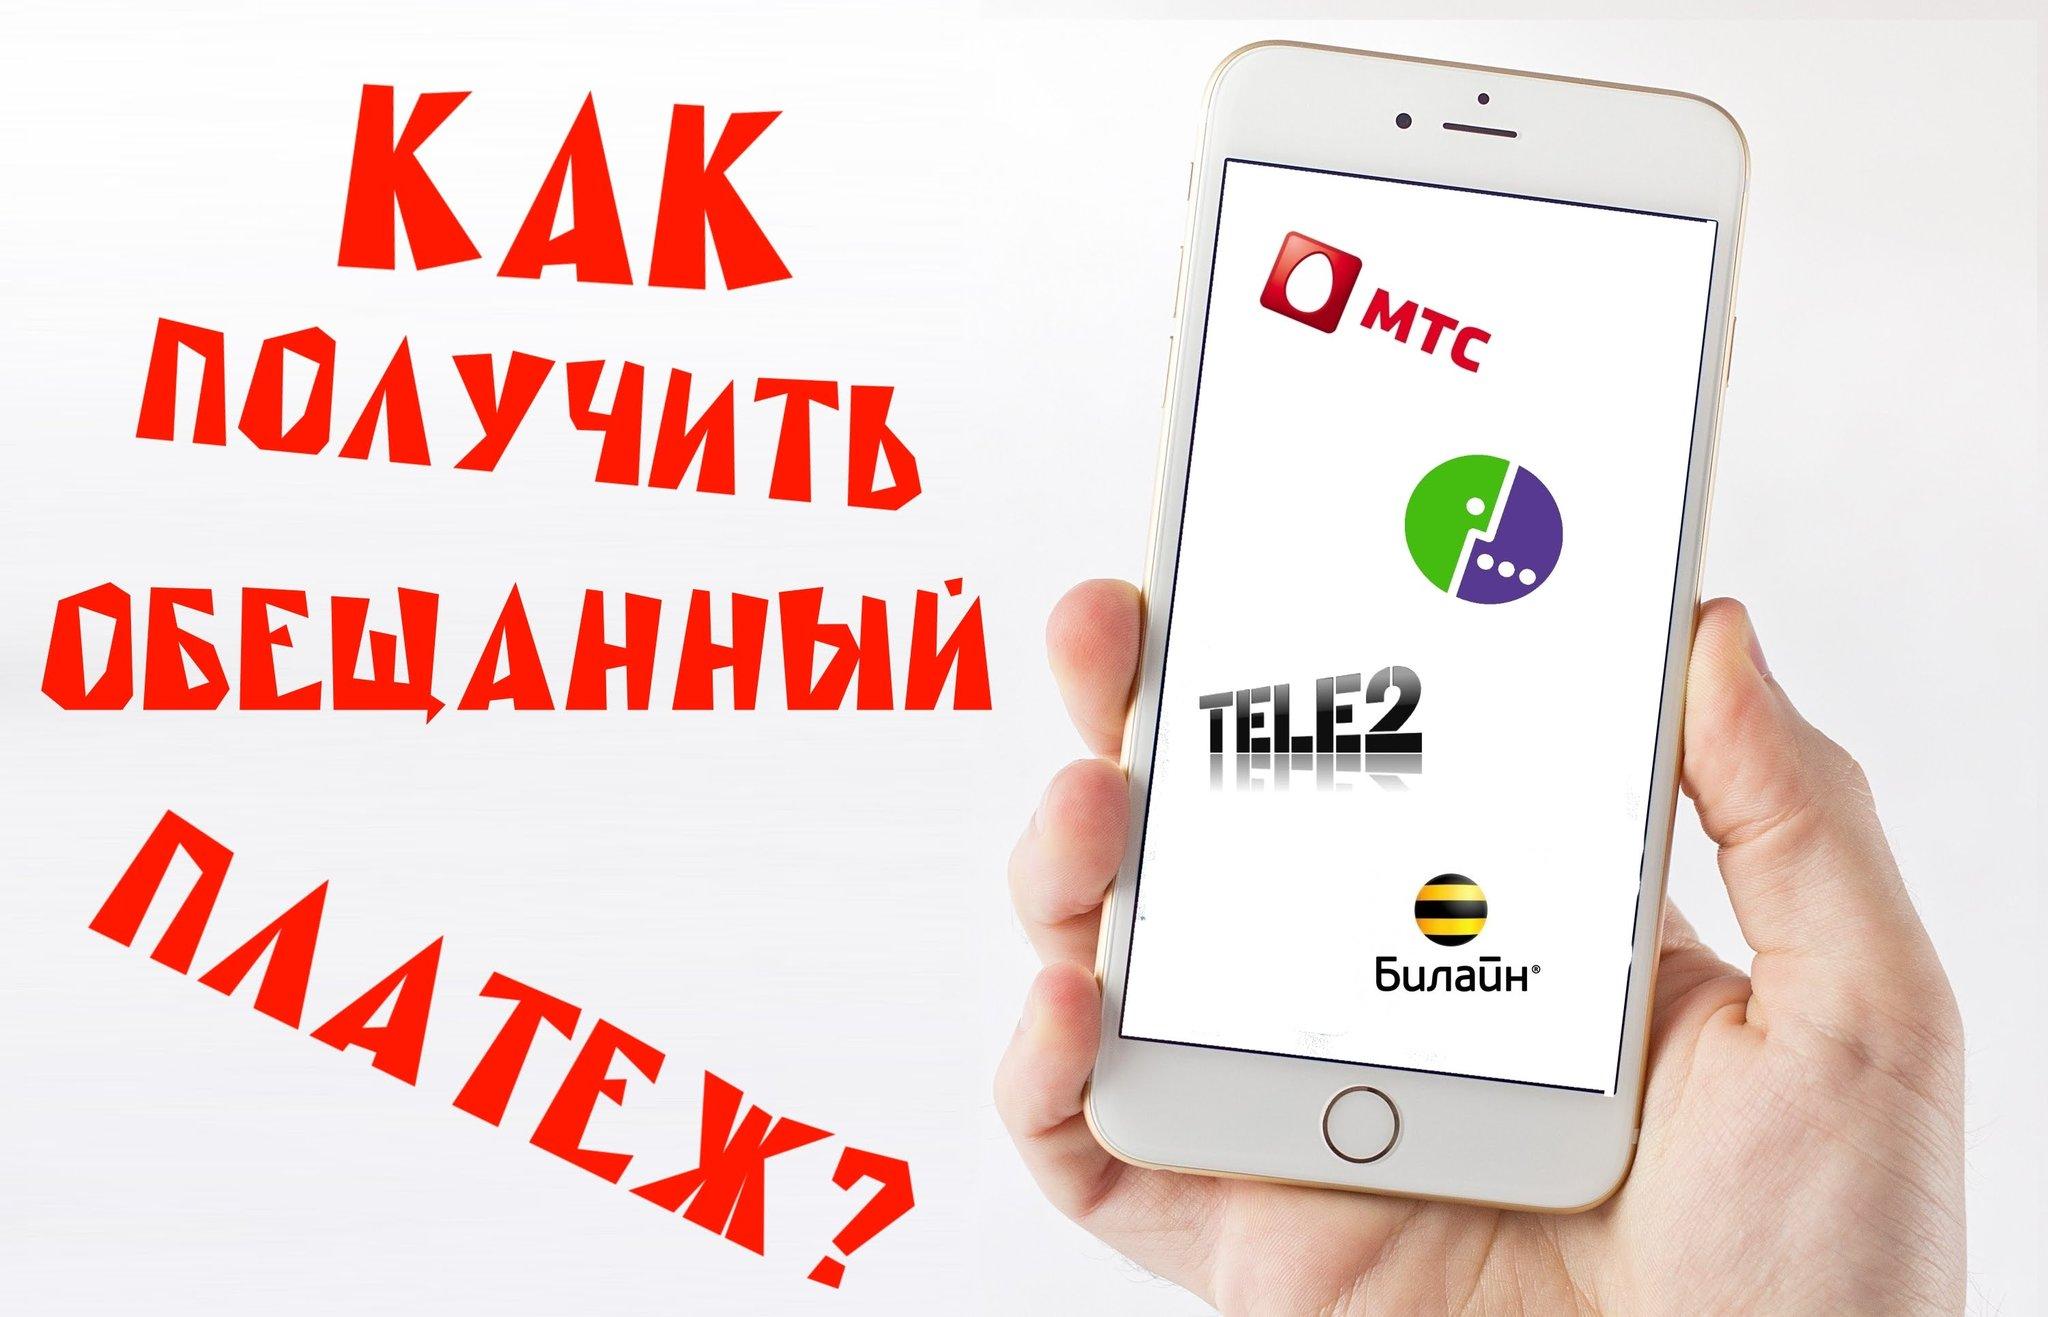 бпс сбербанк клиент банк вход в личный кабинет онлайн